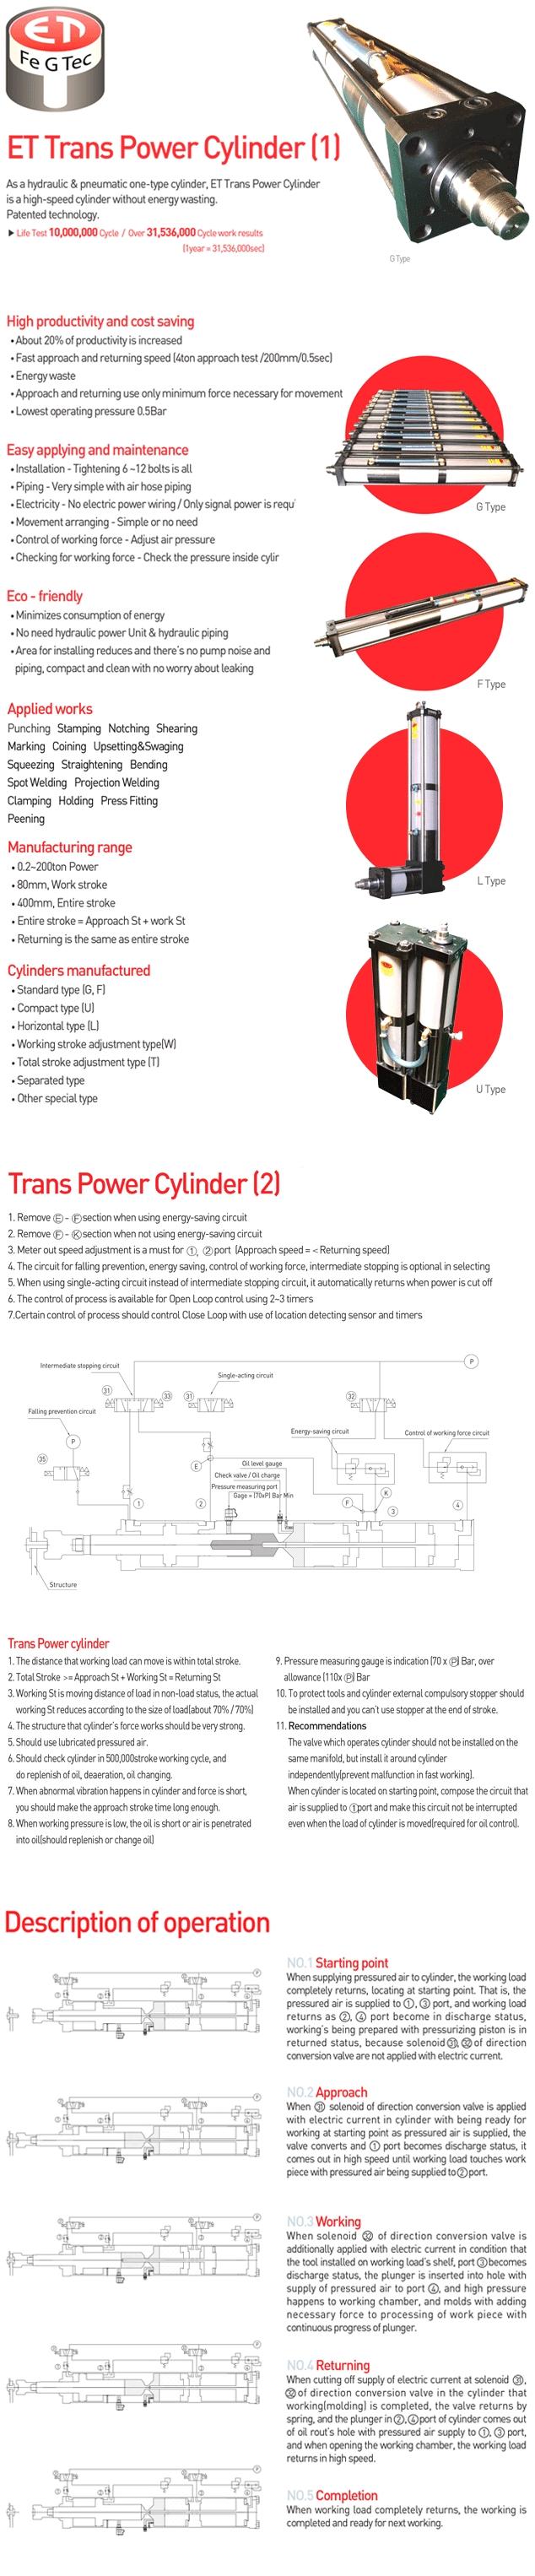 FEG TECH Power Cylinder